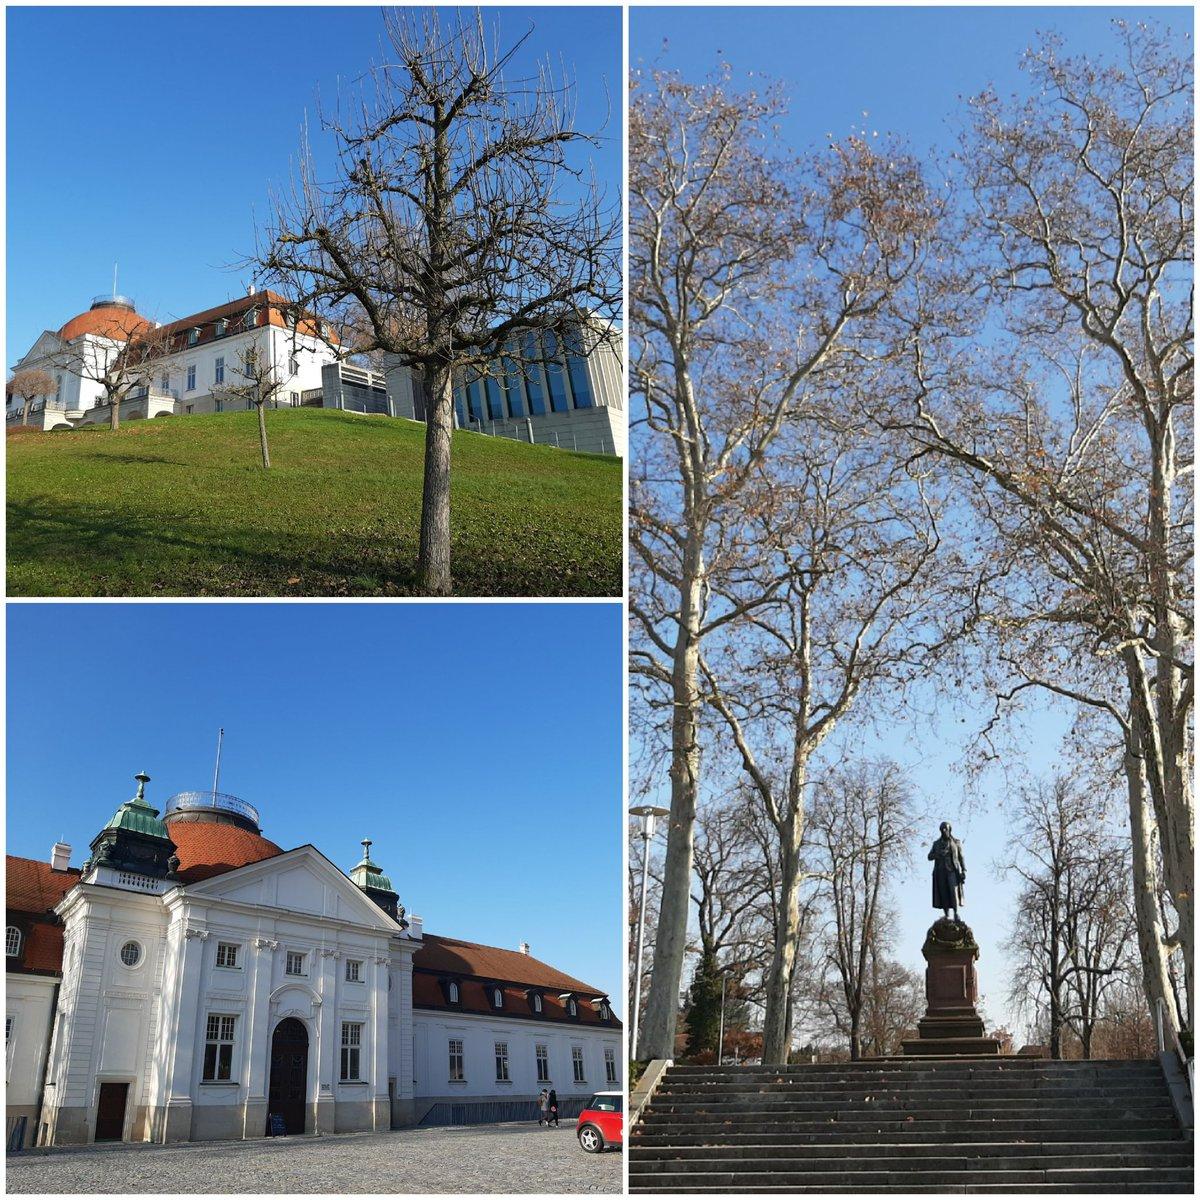 Schillerhöhe #MarbachamNeckar mit Schiller-Nationalmuseum und LiMo = Literaturmuseum der Modernen ... heute mit diesem strahlend blauen Himmel an den ich mich jetzt echt gewöhnt habe pic.twitter.com/E9fQJDScMn